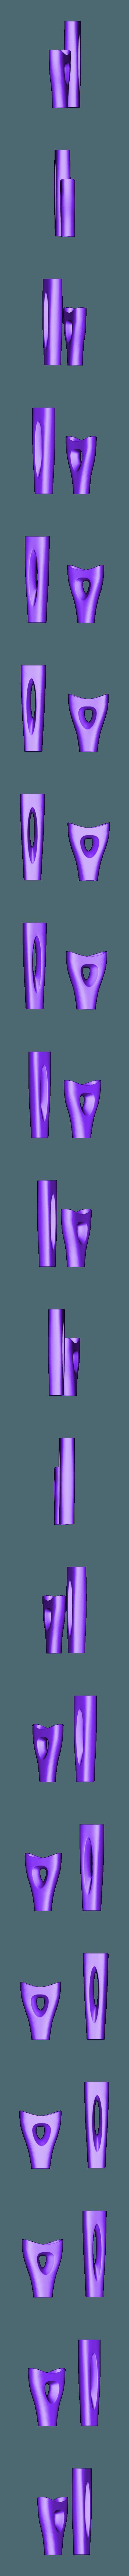 VASE.obj Télécharger fichier OBJ gratuit Vase • Objet à imprimer en 3D, Aprilis